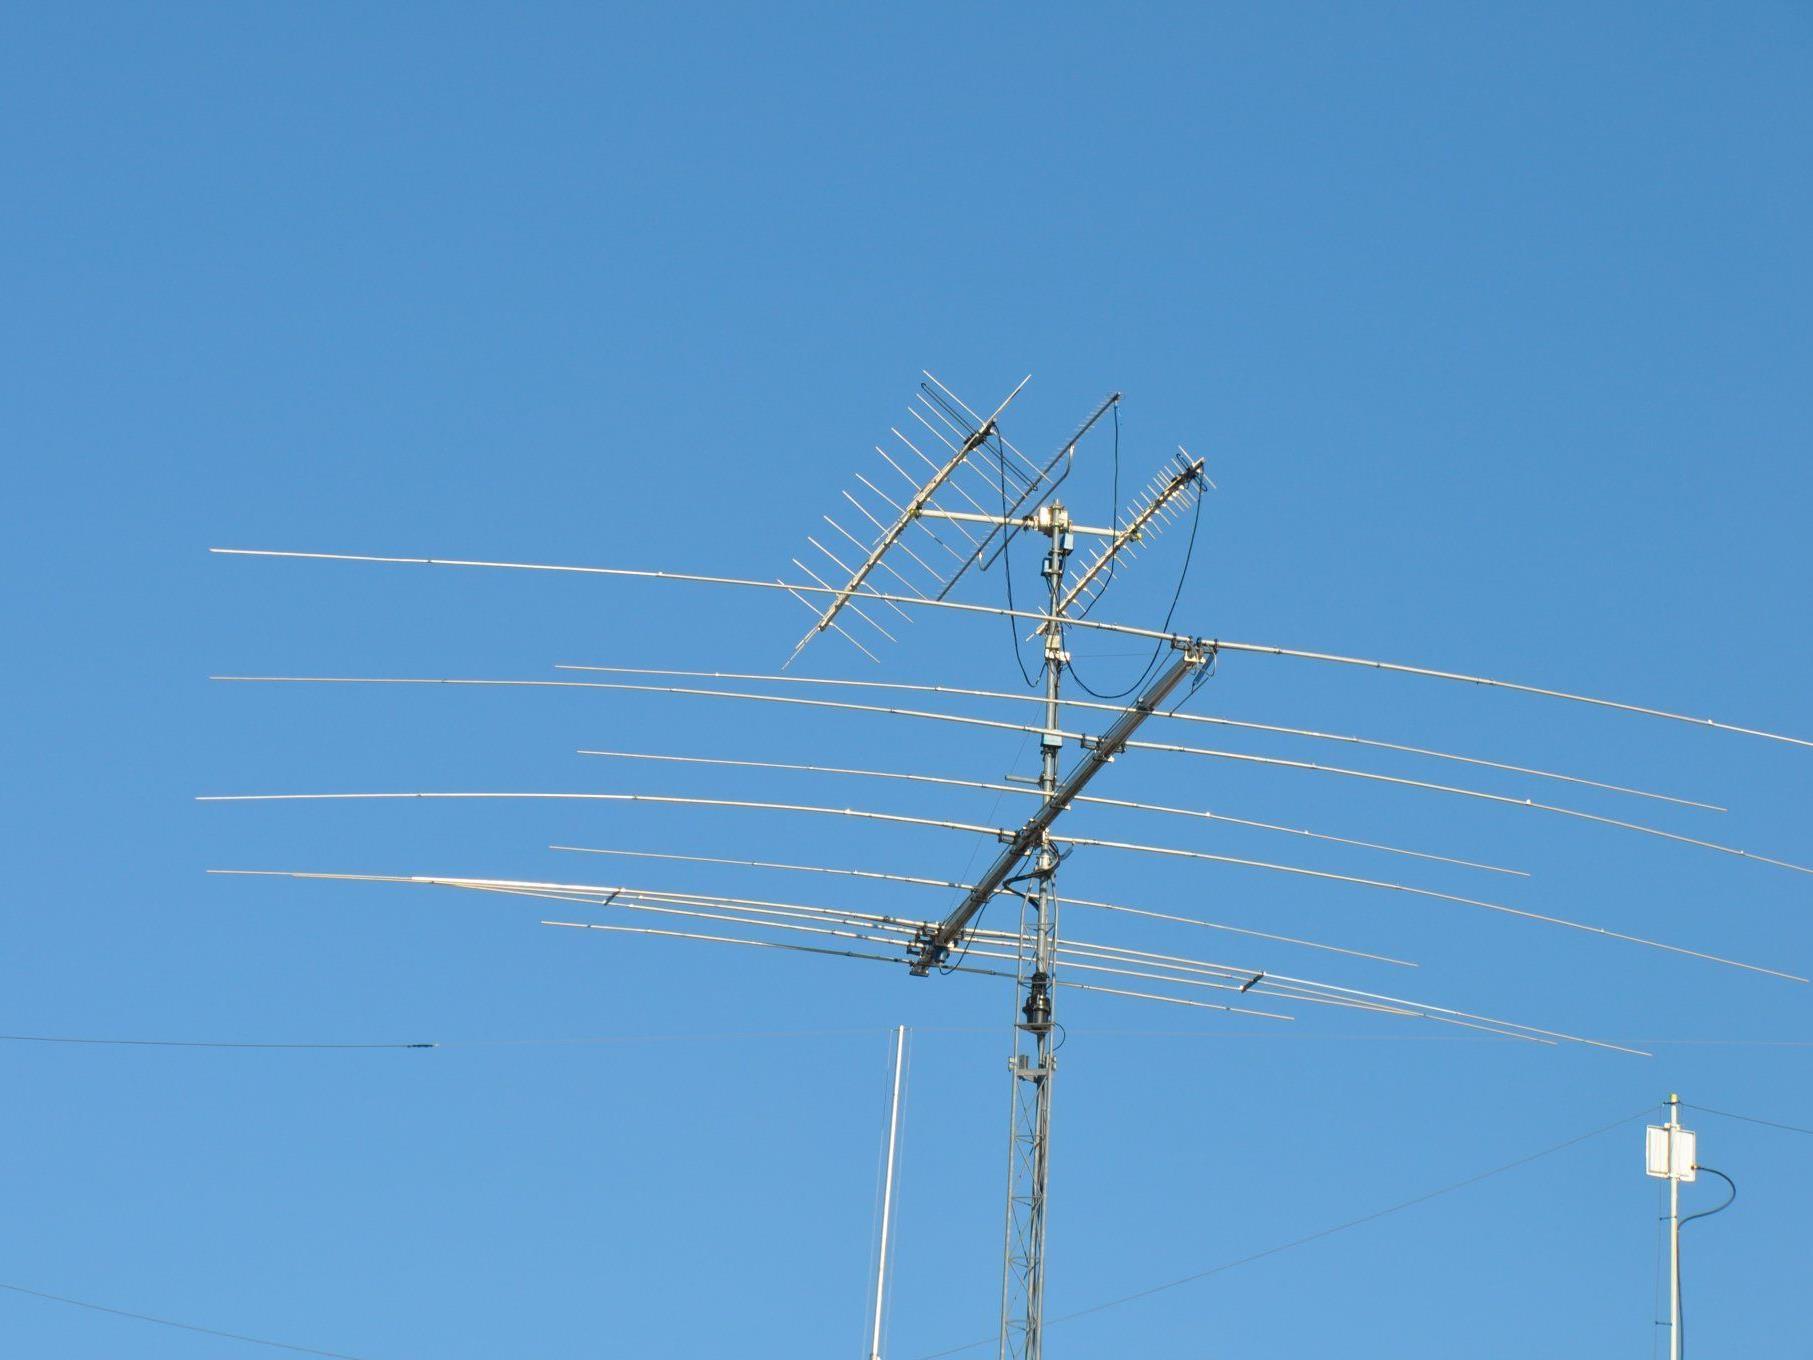 Scharfe Antennen hatte ein Wiener Polizist - in jeder Beziehung!